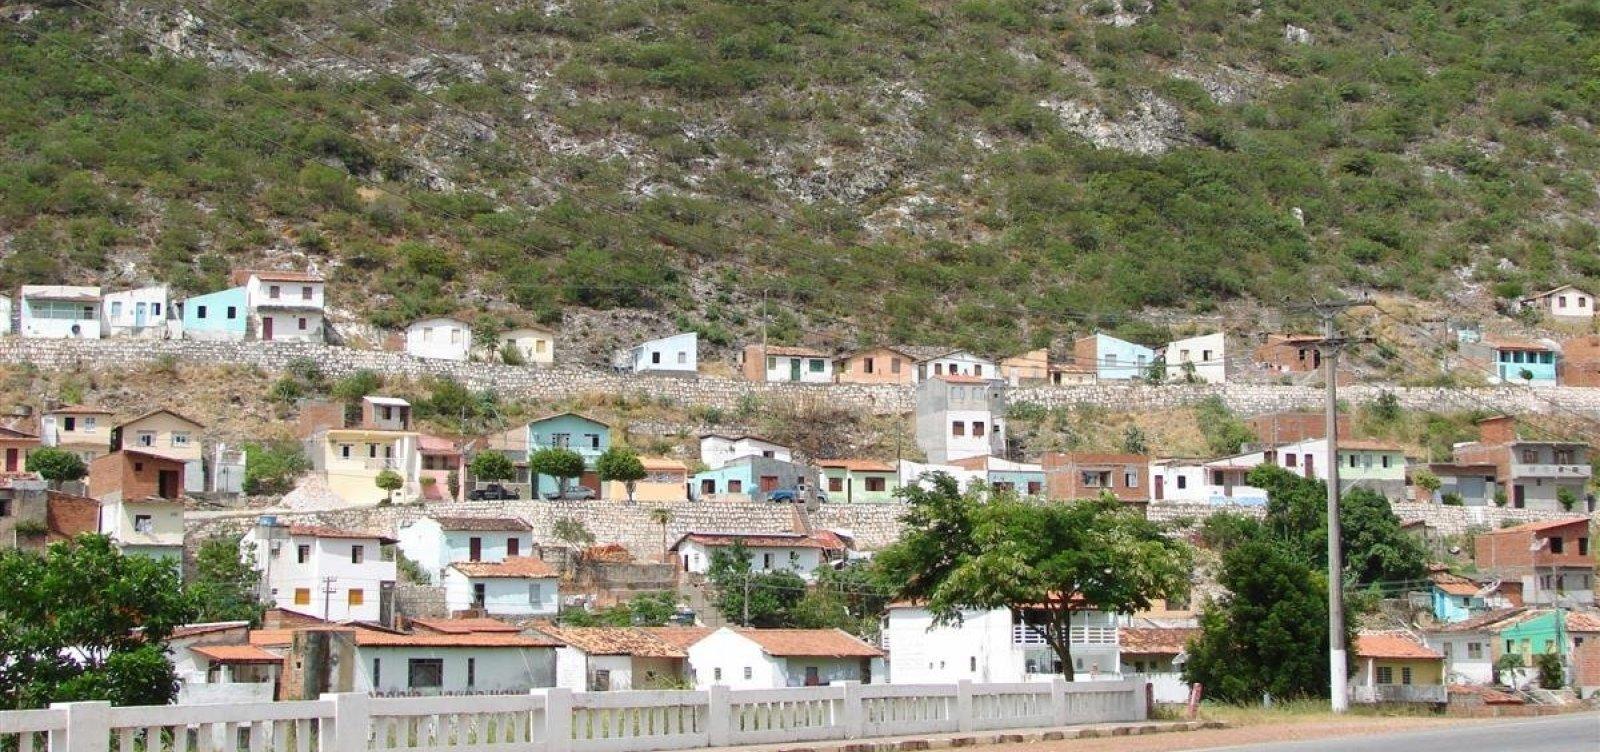 Tremores de terra são registrados no município de Jacobina